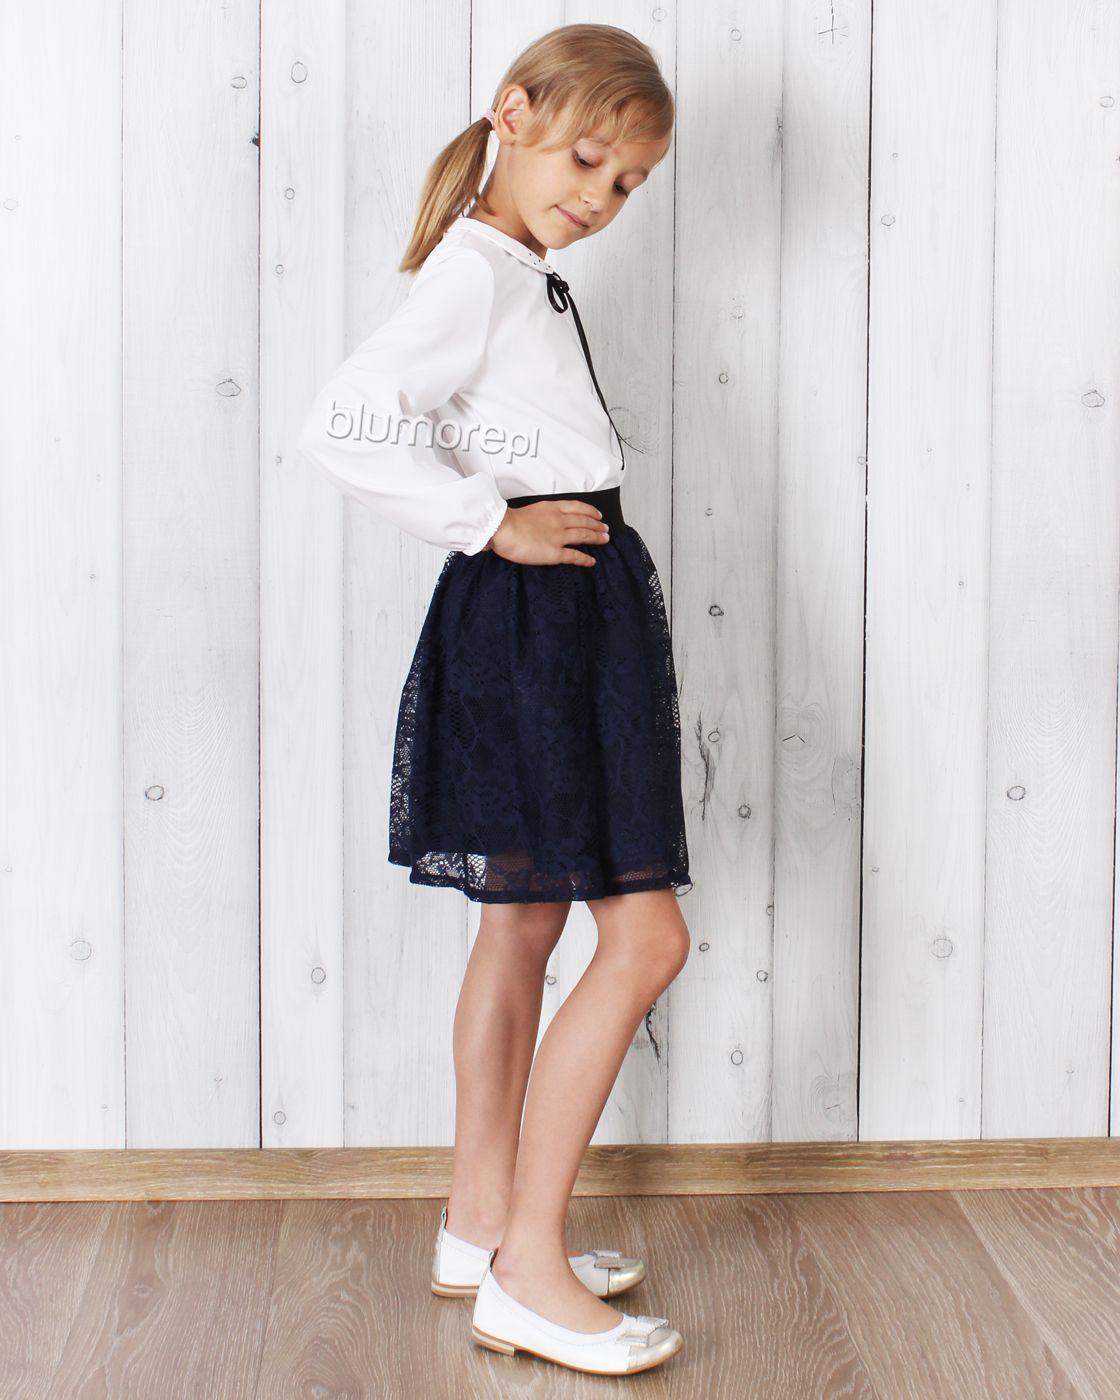 c877439e07 Piękna koronkowa spódniczka dla dziewczynek ceniących wygodę i modne  stylizacje. Do stroju dobierz białą bluzeczkę